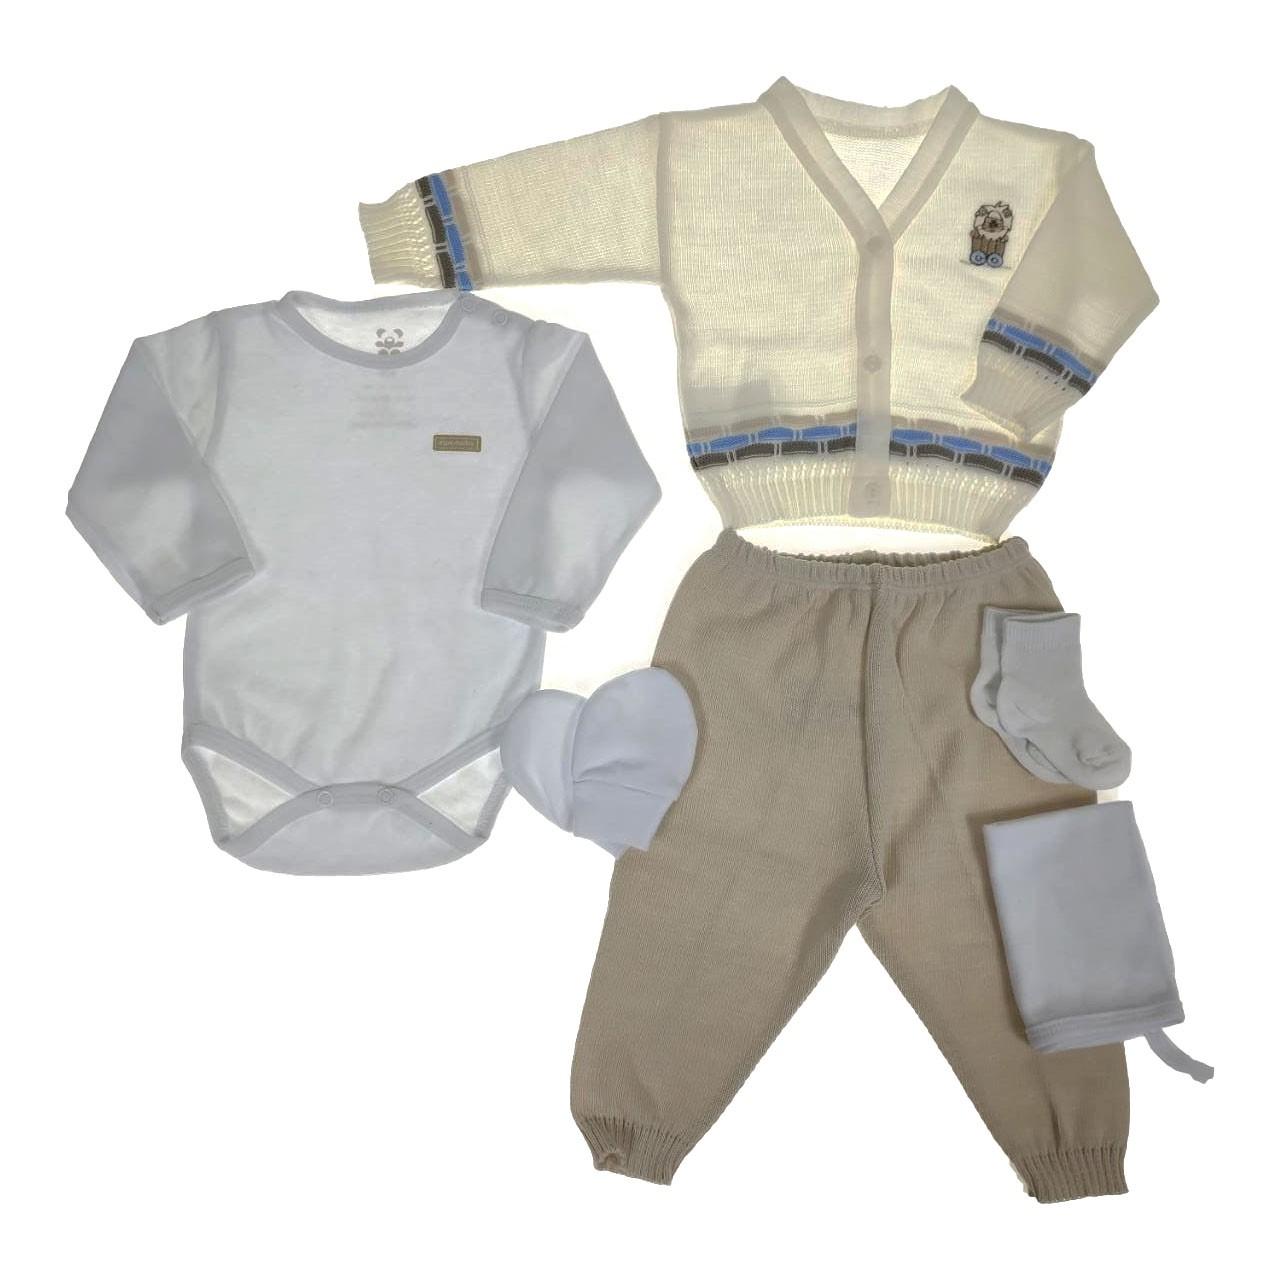 Kit Maternidade Cru E Branco com Tricô - 6 Peças